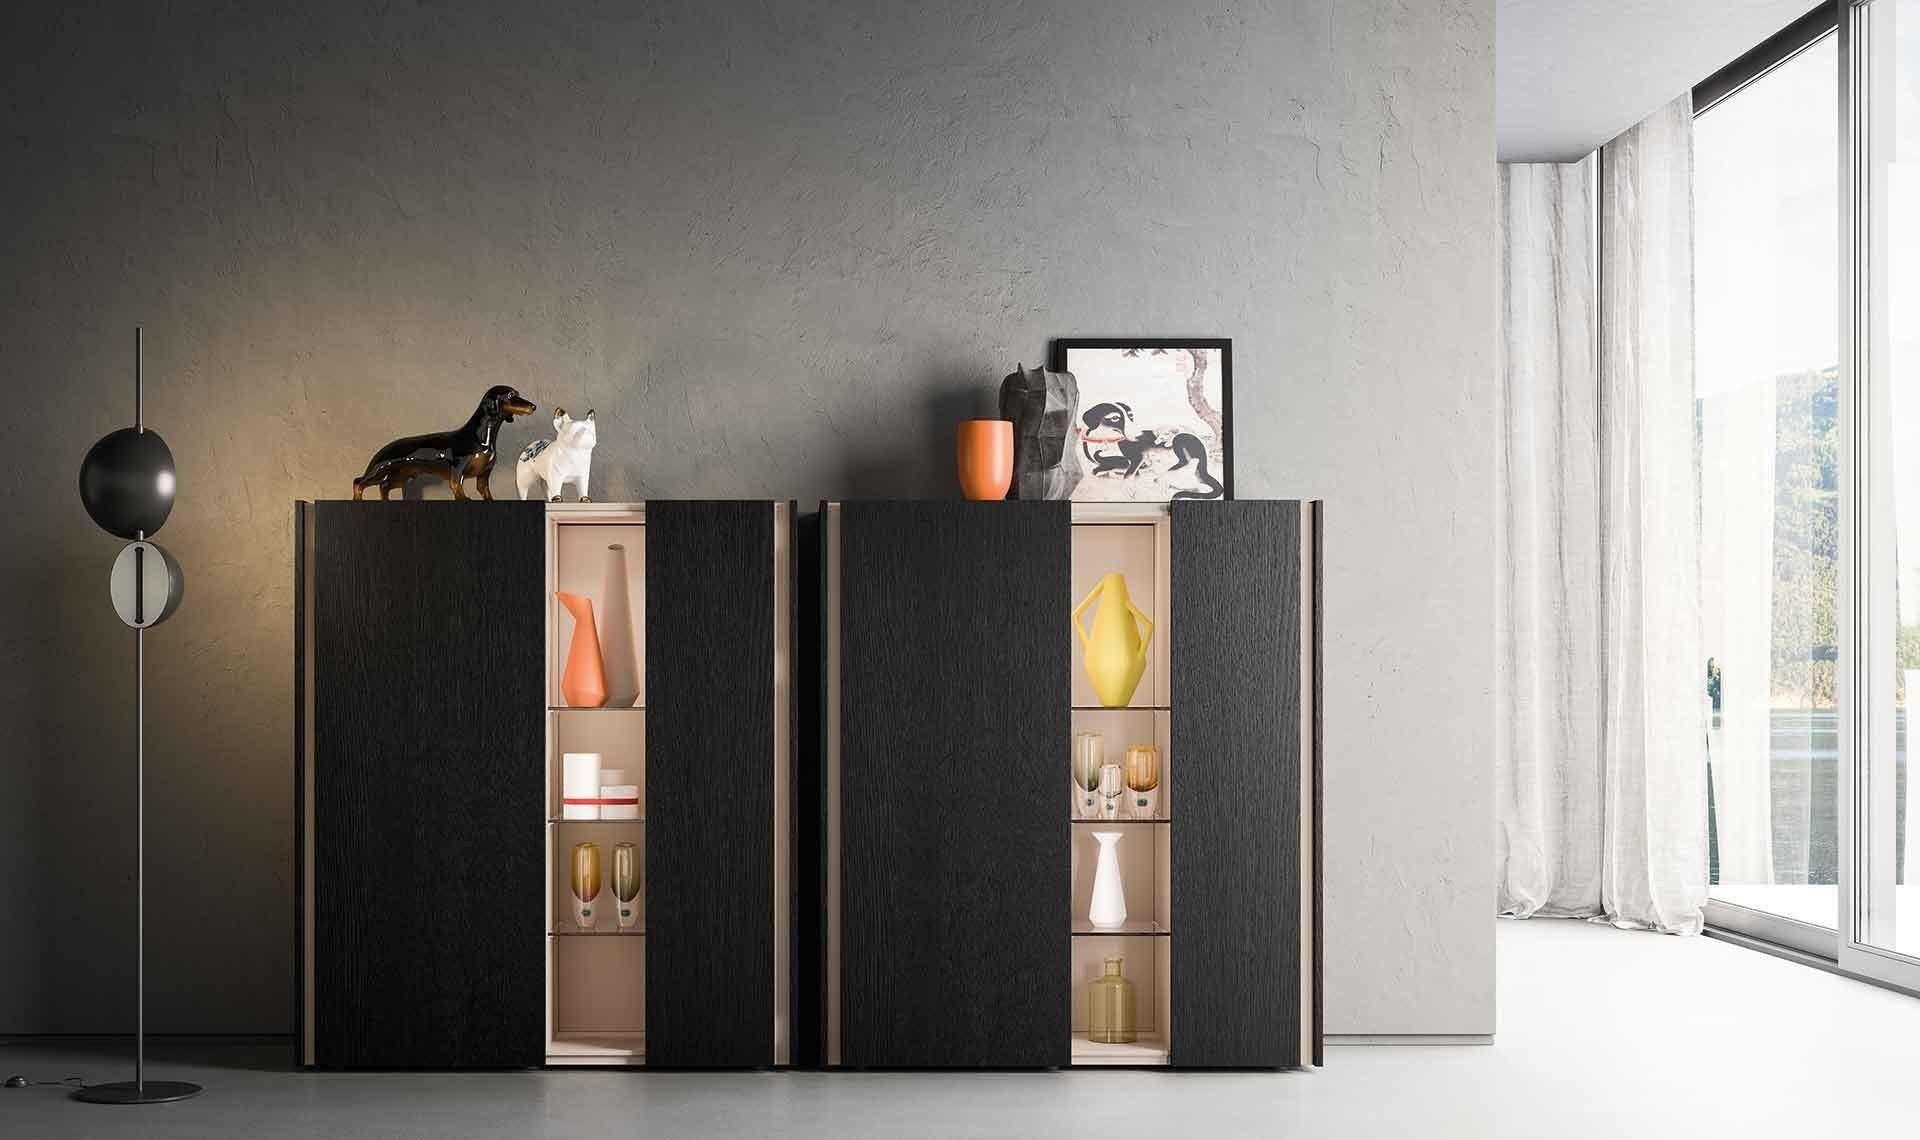 DA-DO |madia| | Living | Design moderno, Arredamento moderno ...